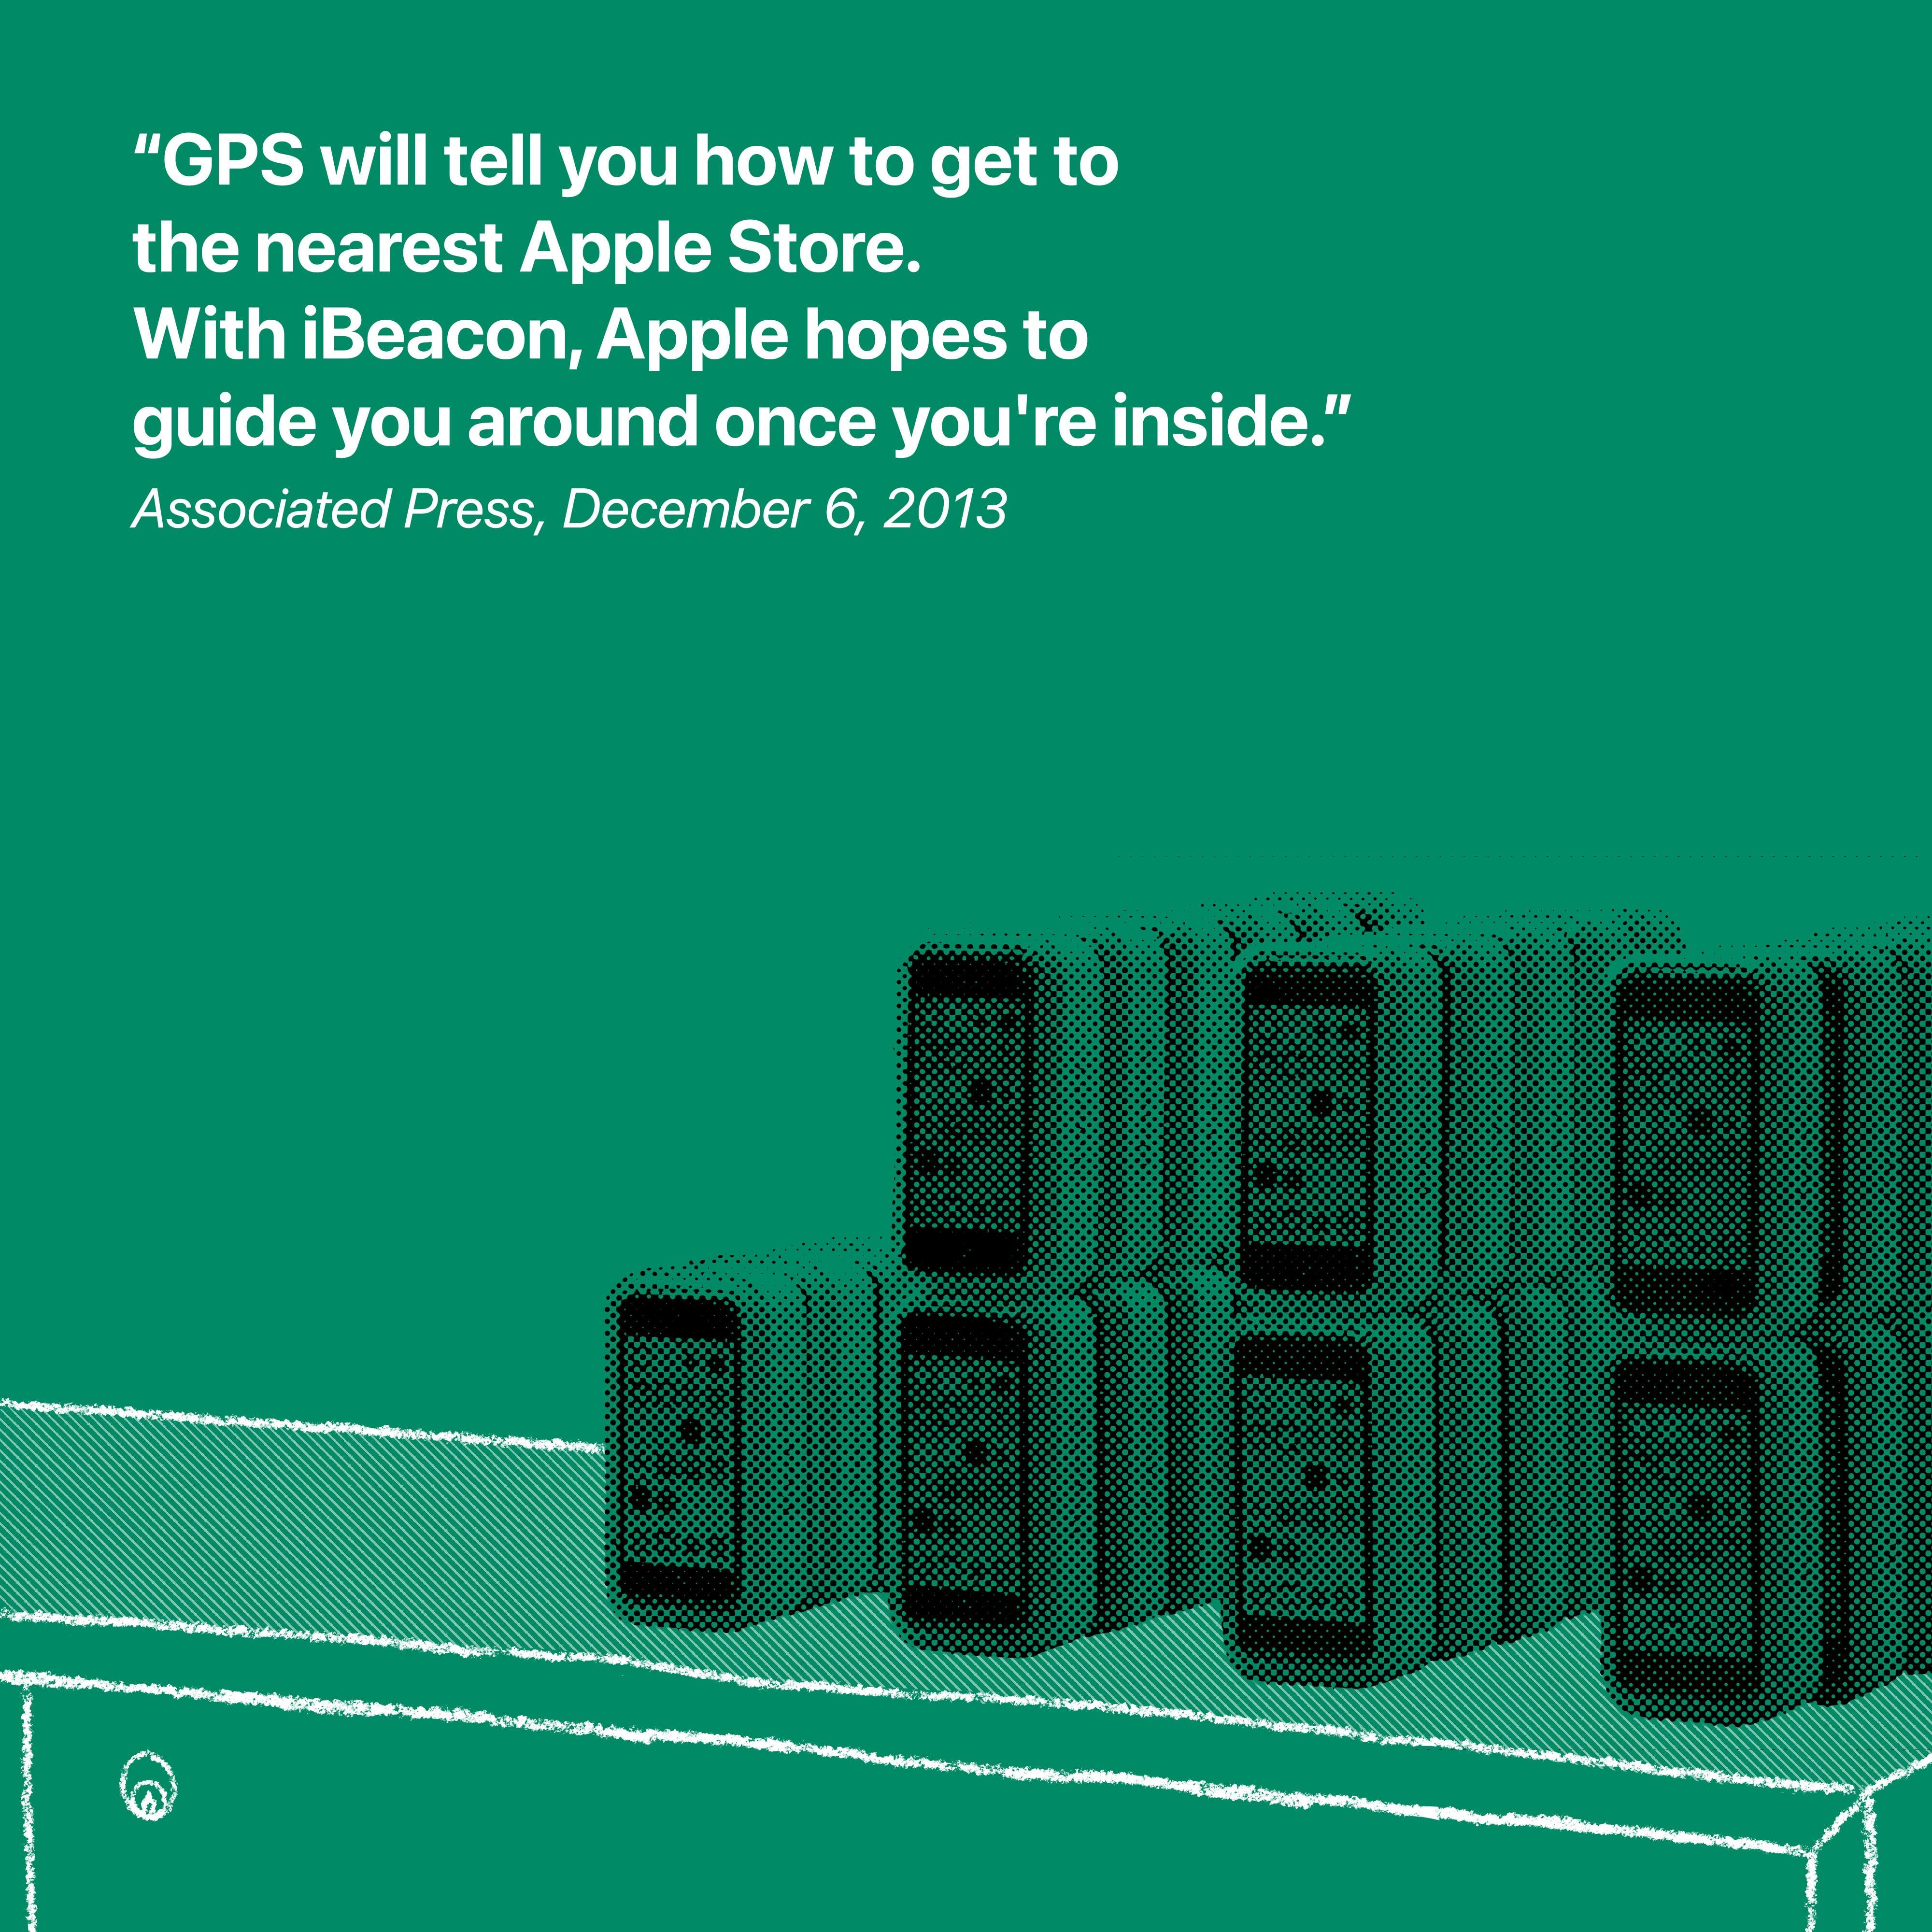 """""""Le GPS vous indiquera comment vous rendre à l'Apple Store le plus proche.  Avec iBeacon, Apple espère vous guider une fois que vous serez à l'intérieur."""" Associated Press, 6 décembre 2013"""